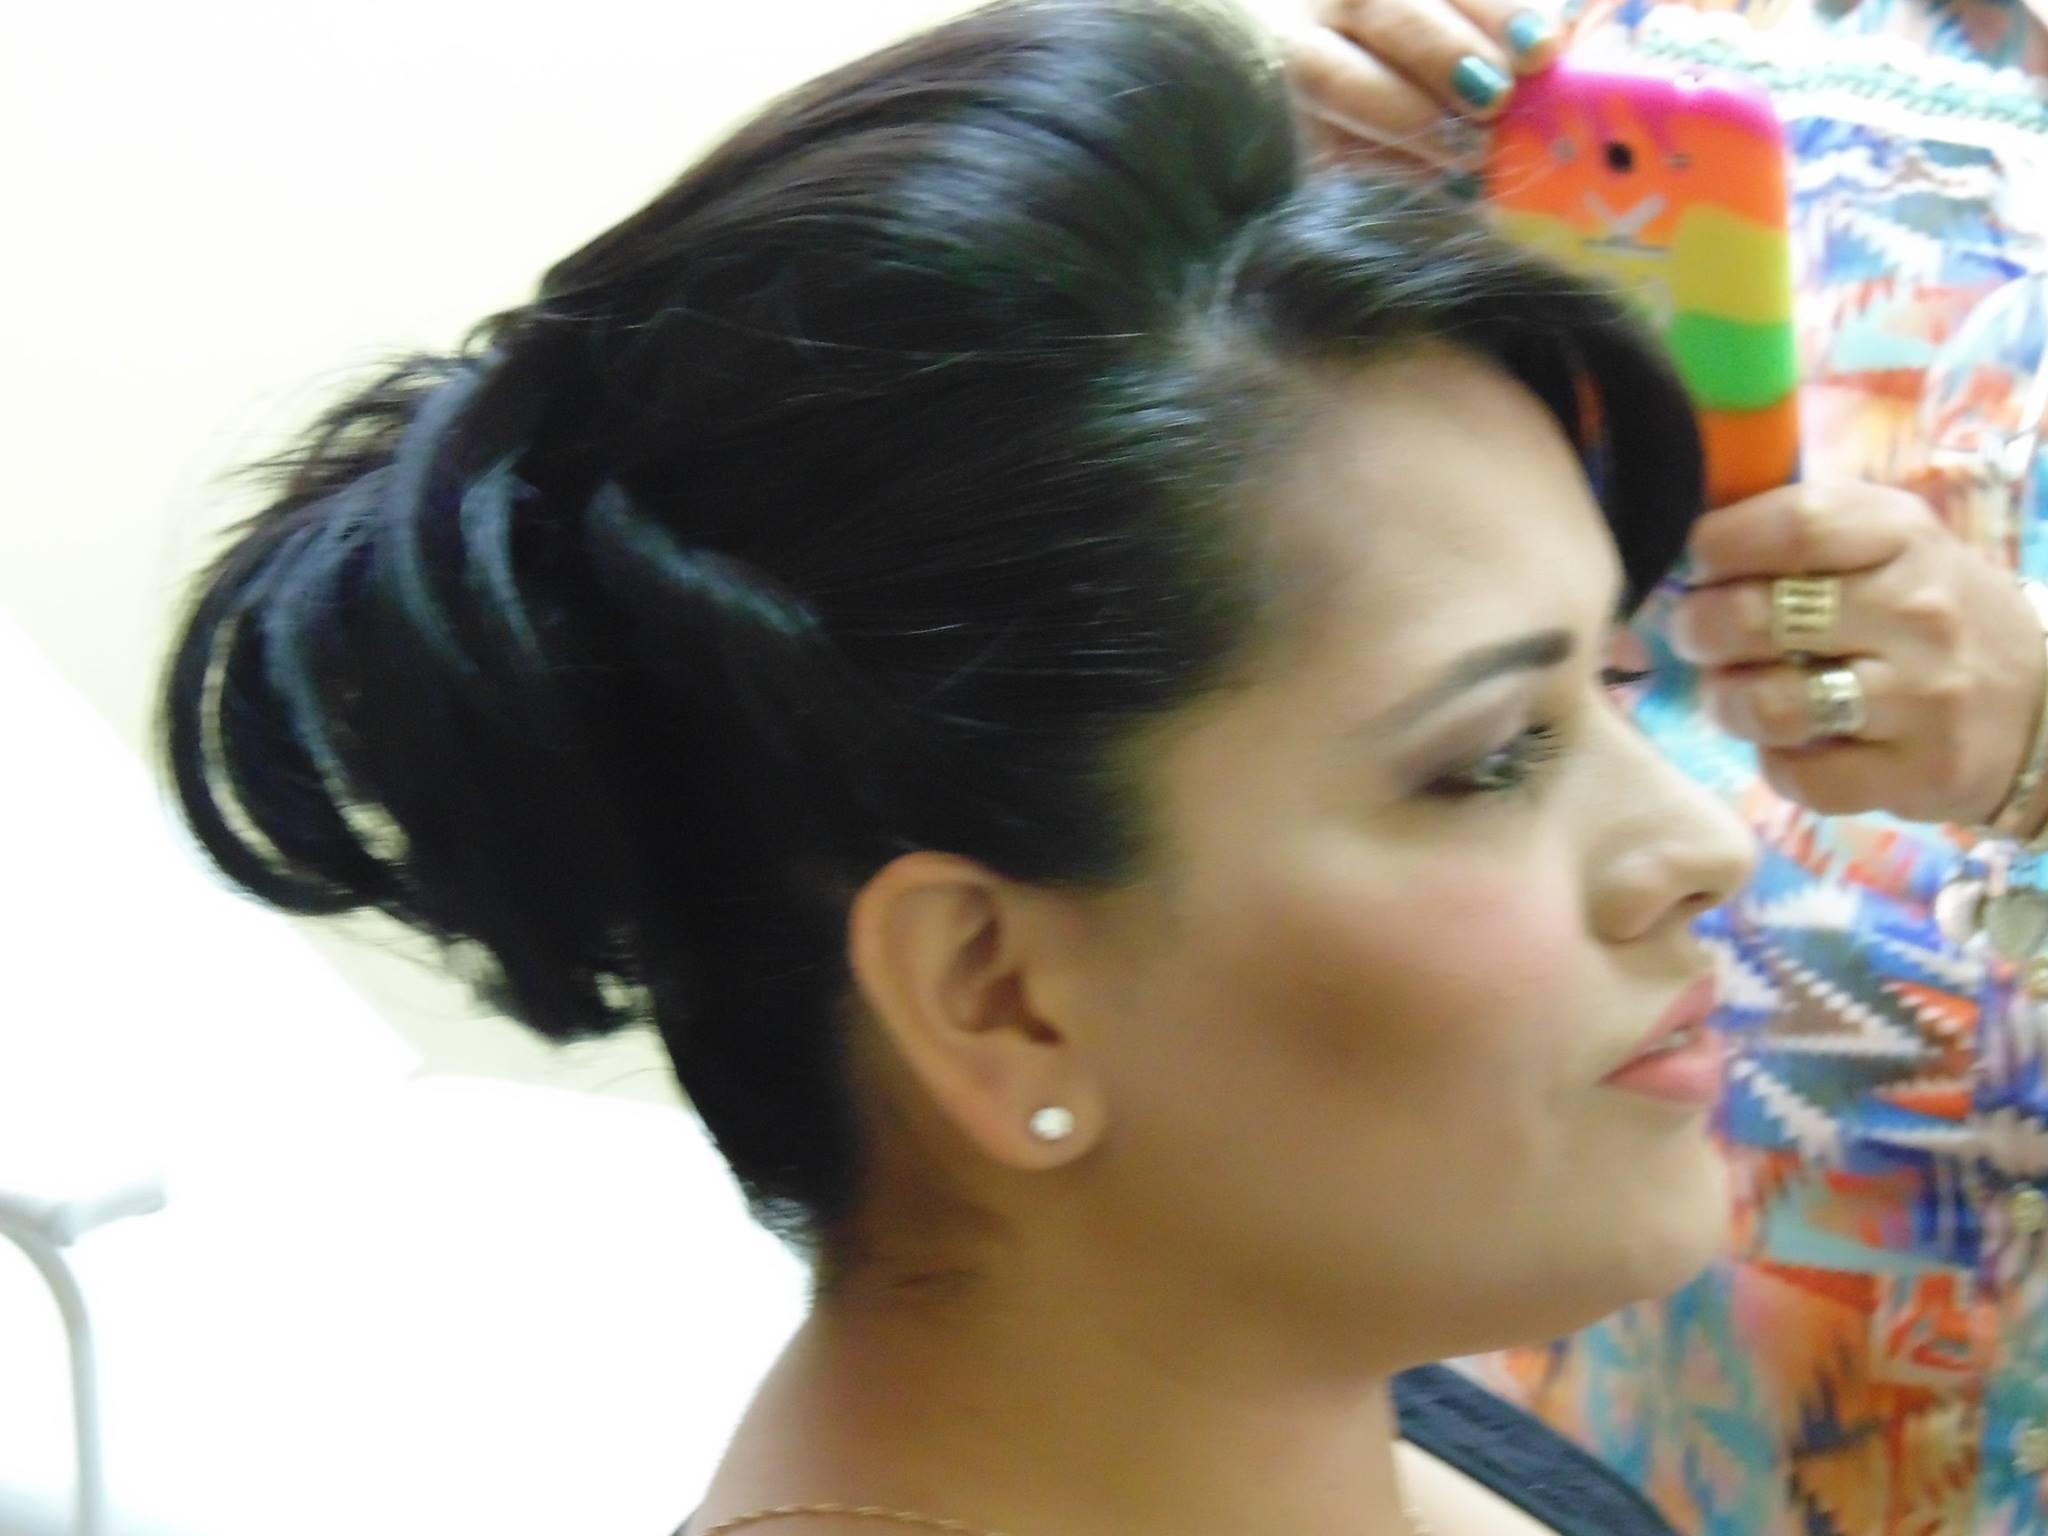 Penteado - Coque penteado preso cabeleireiro(a) depilador(a) designer de sobrancelhas maquiador(a) esteticista